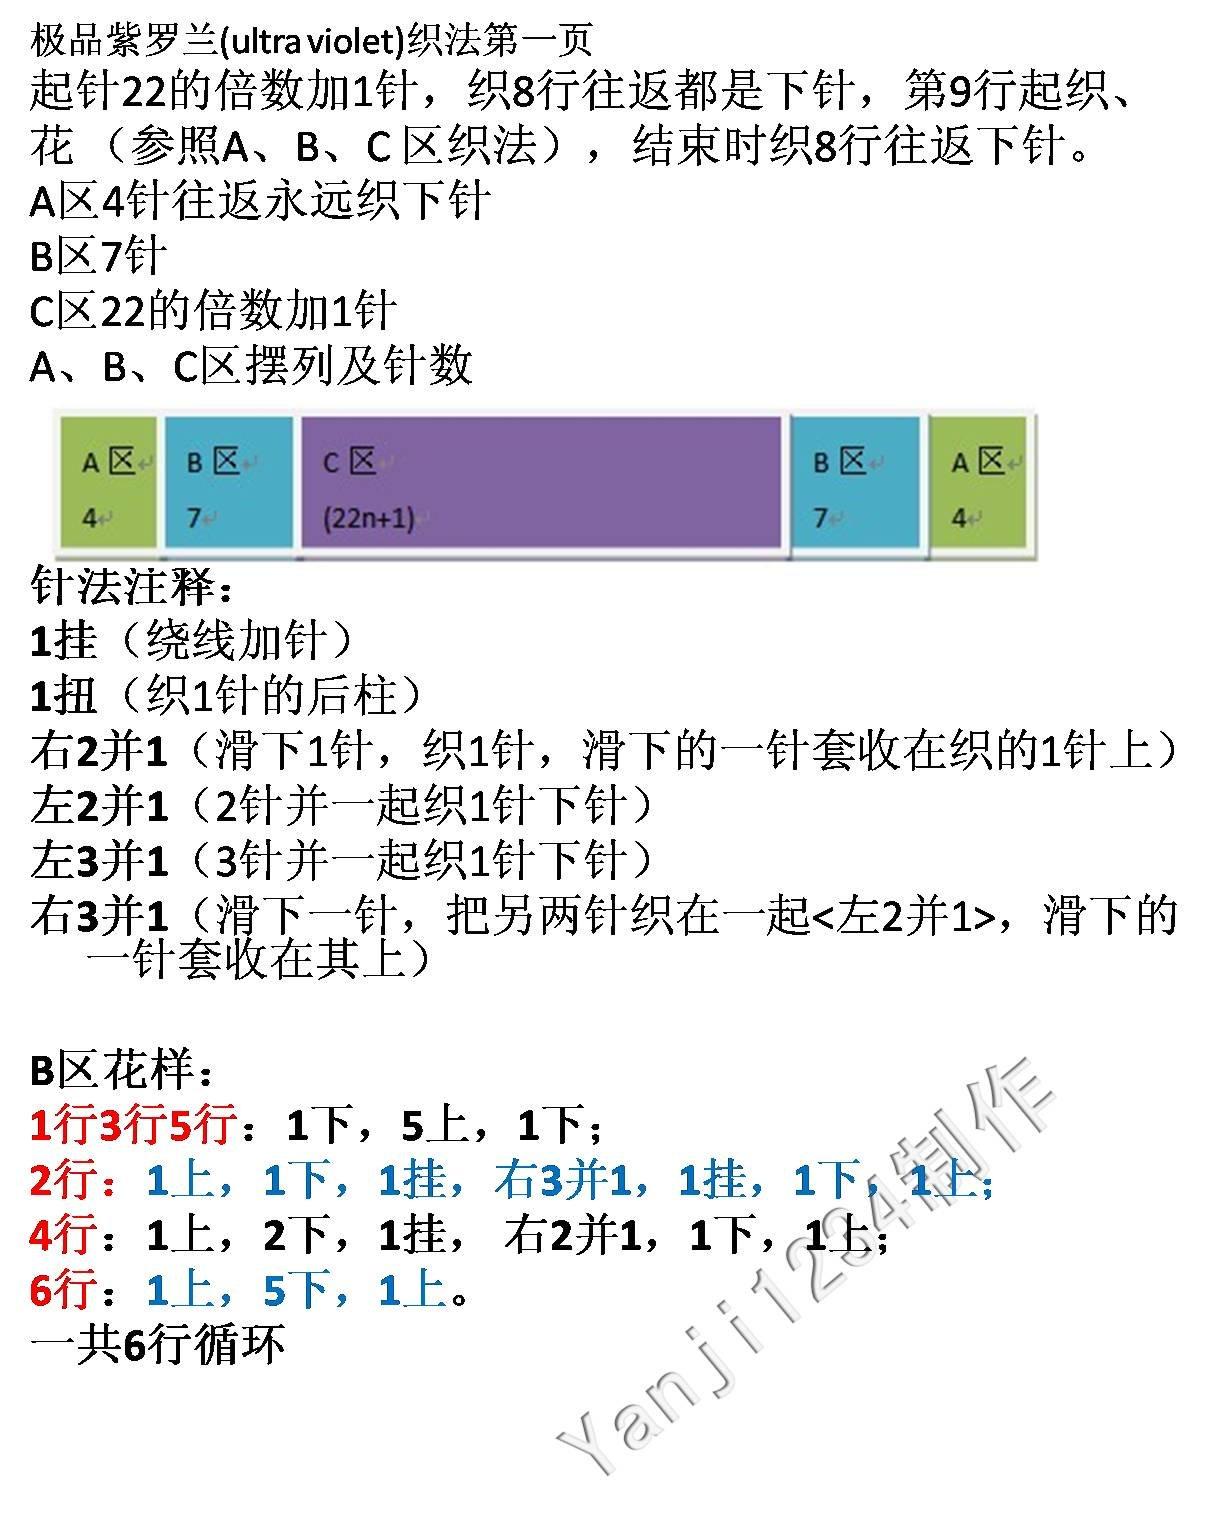 极品紫罗兰织法1.jpg